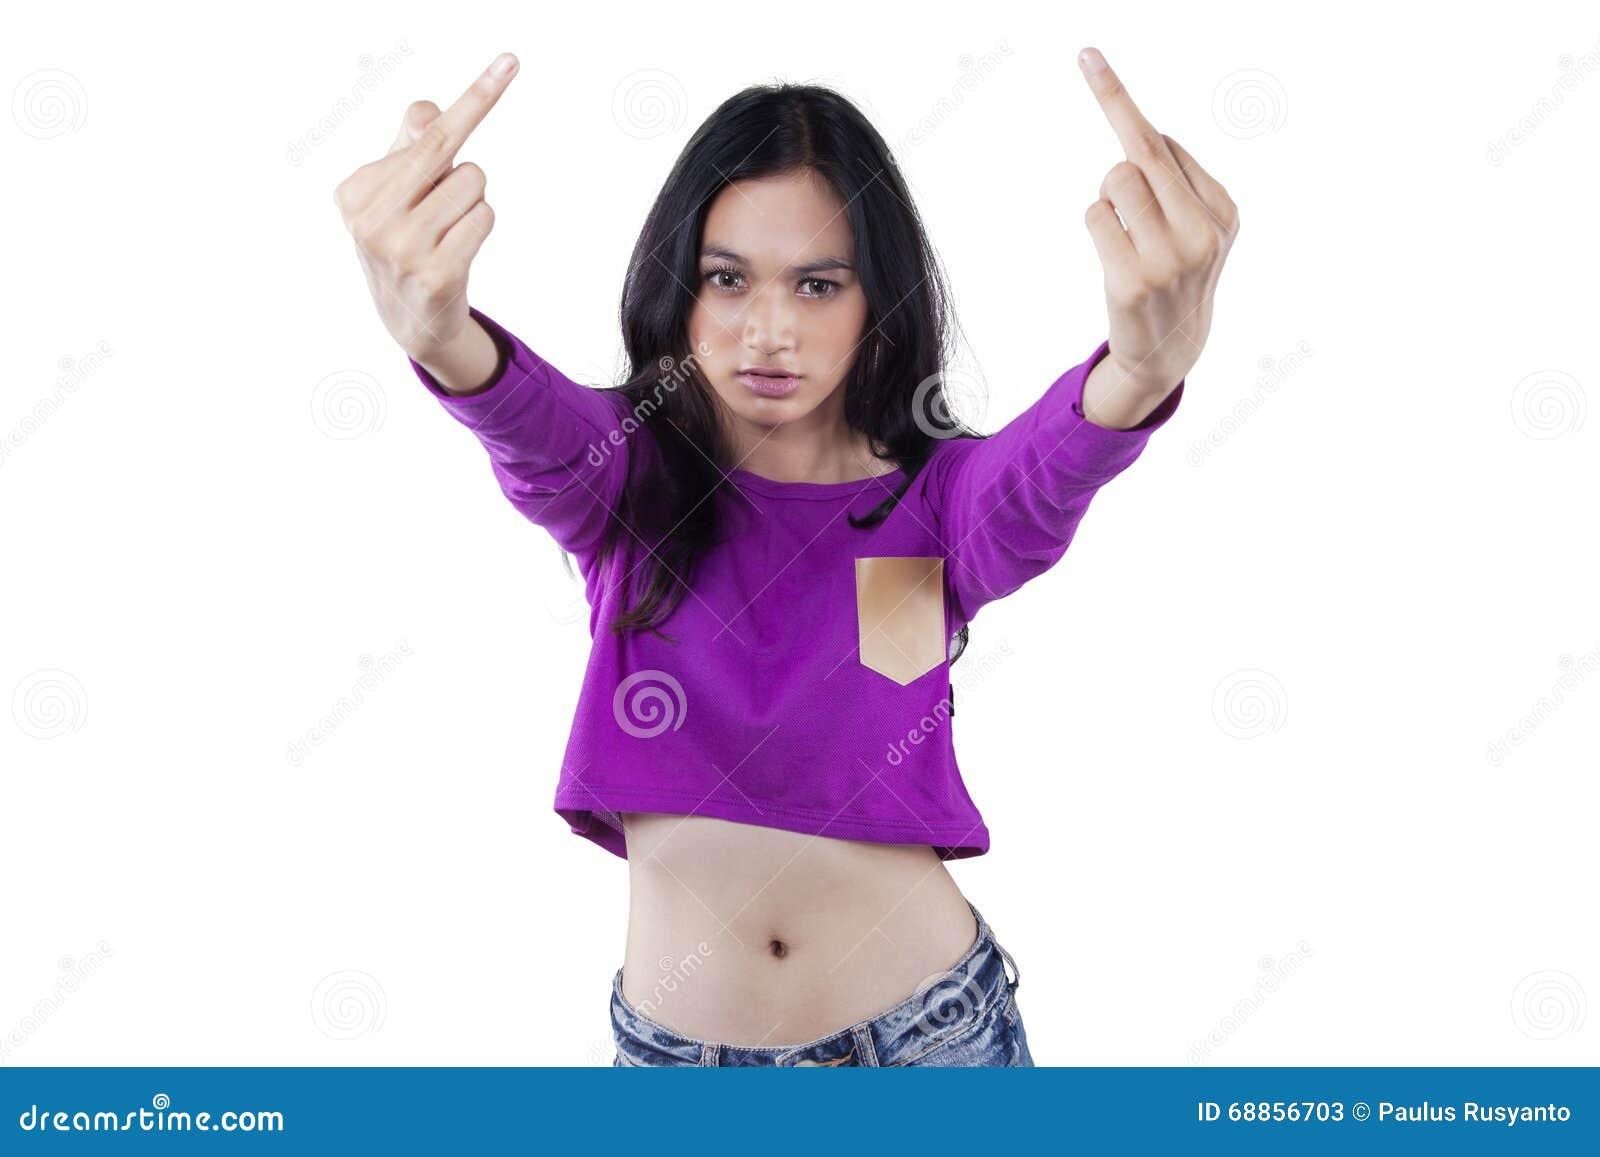 Asiatisches jugendlich stockbild Bild von drauen